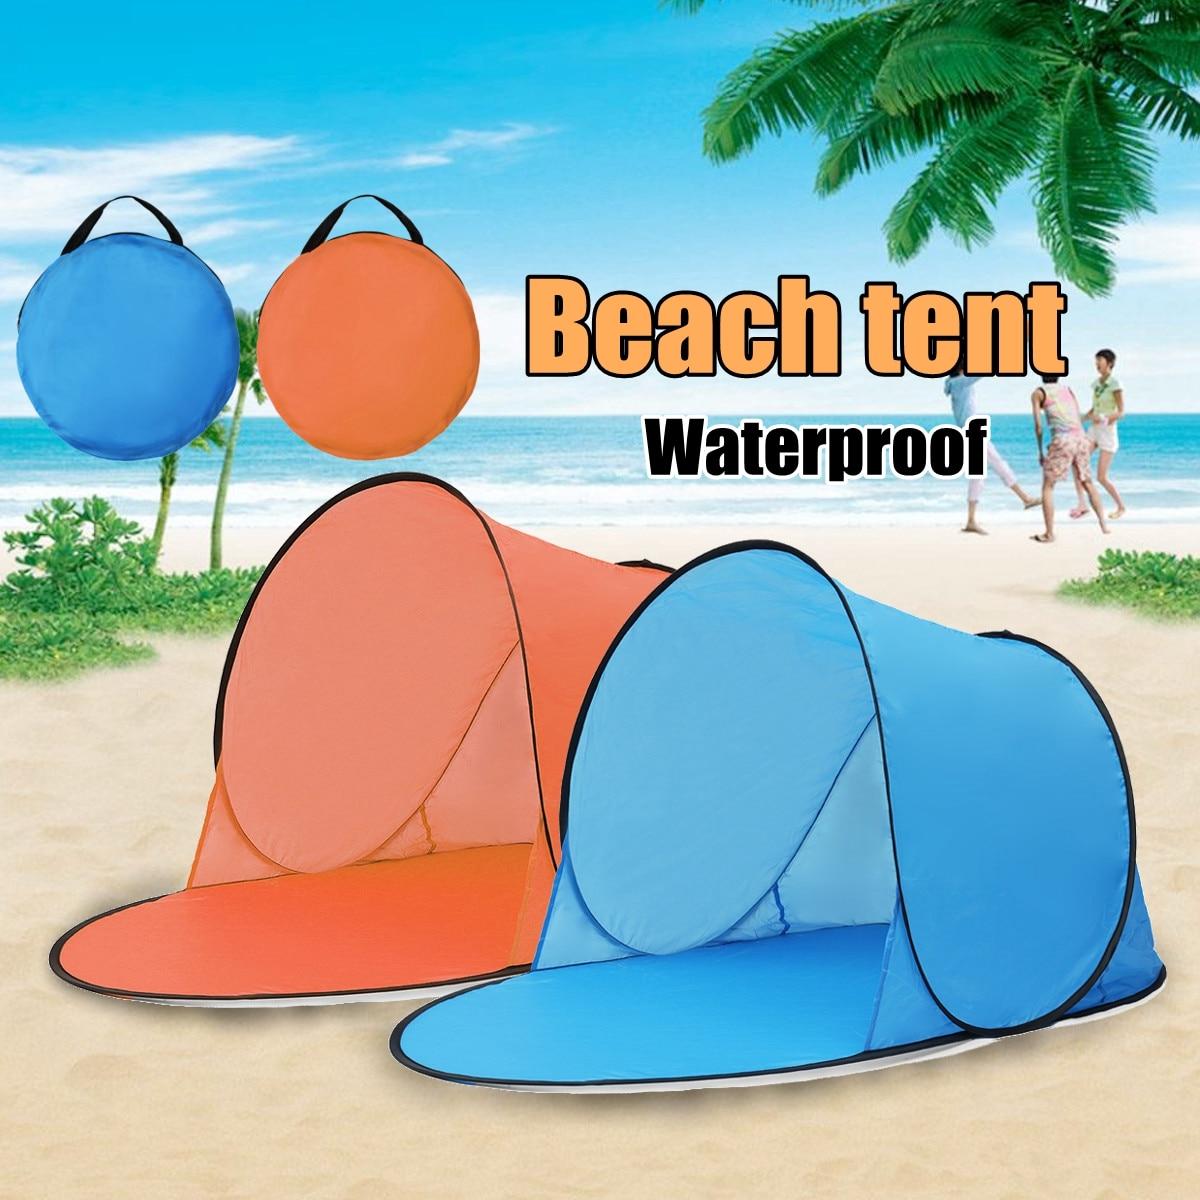 Esterno Portatile di Campeggio Impermeabile Tenda Della Spiaggia Tenda Pop Up Tenda Da Campeggio Aperto Pesca Escursioni Outdoor Automatico Portatile Istantanea